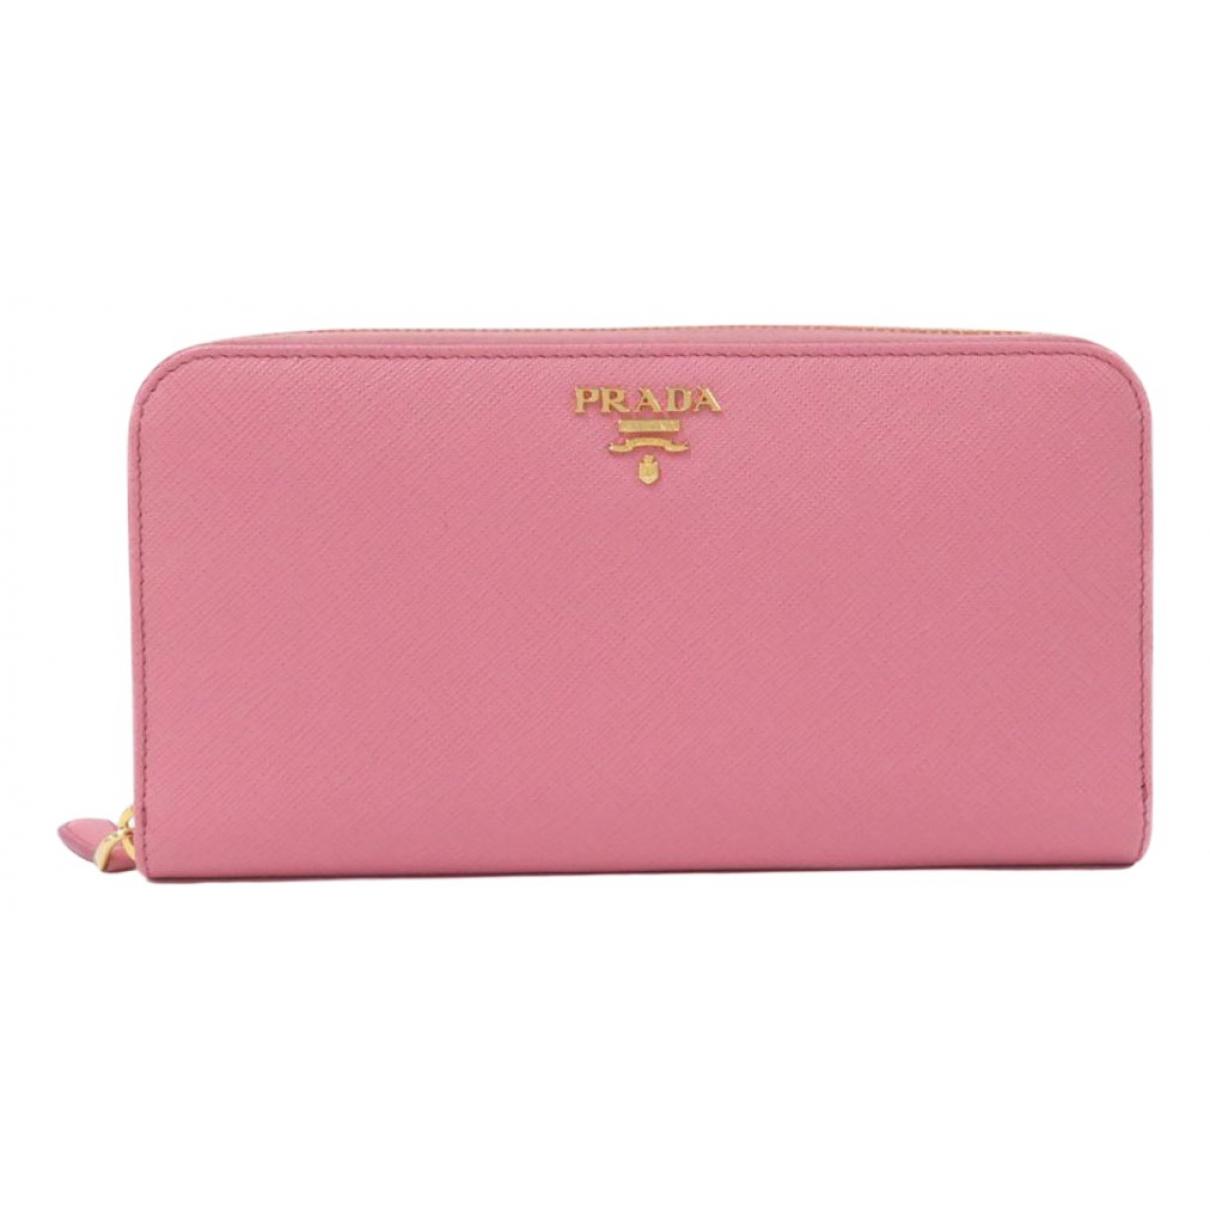 Prada - Portefeuille   pour femme en cuir - rose